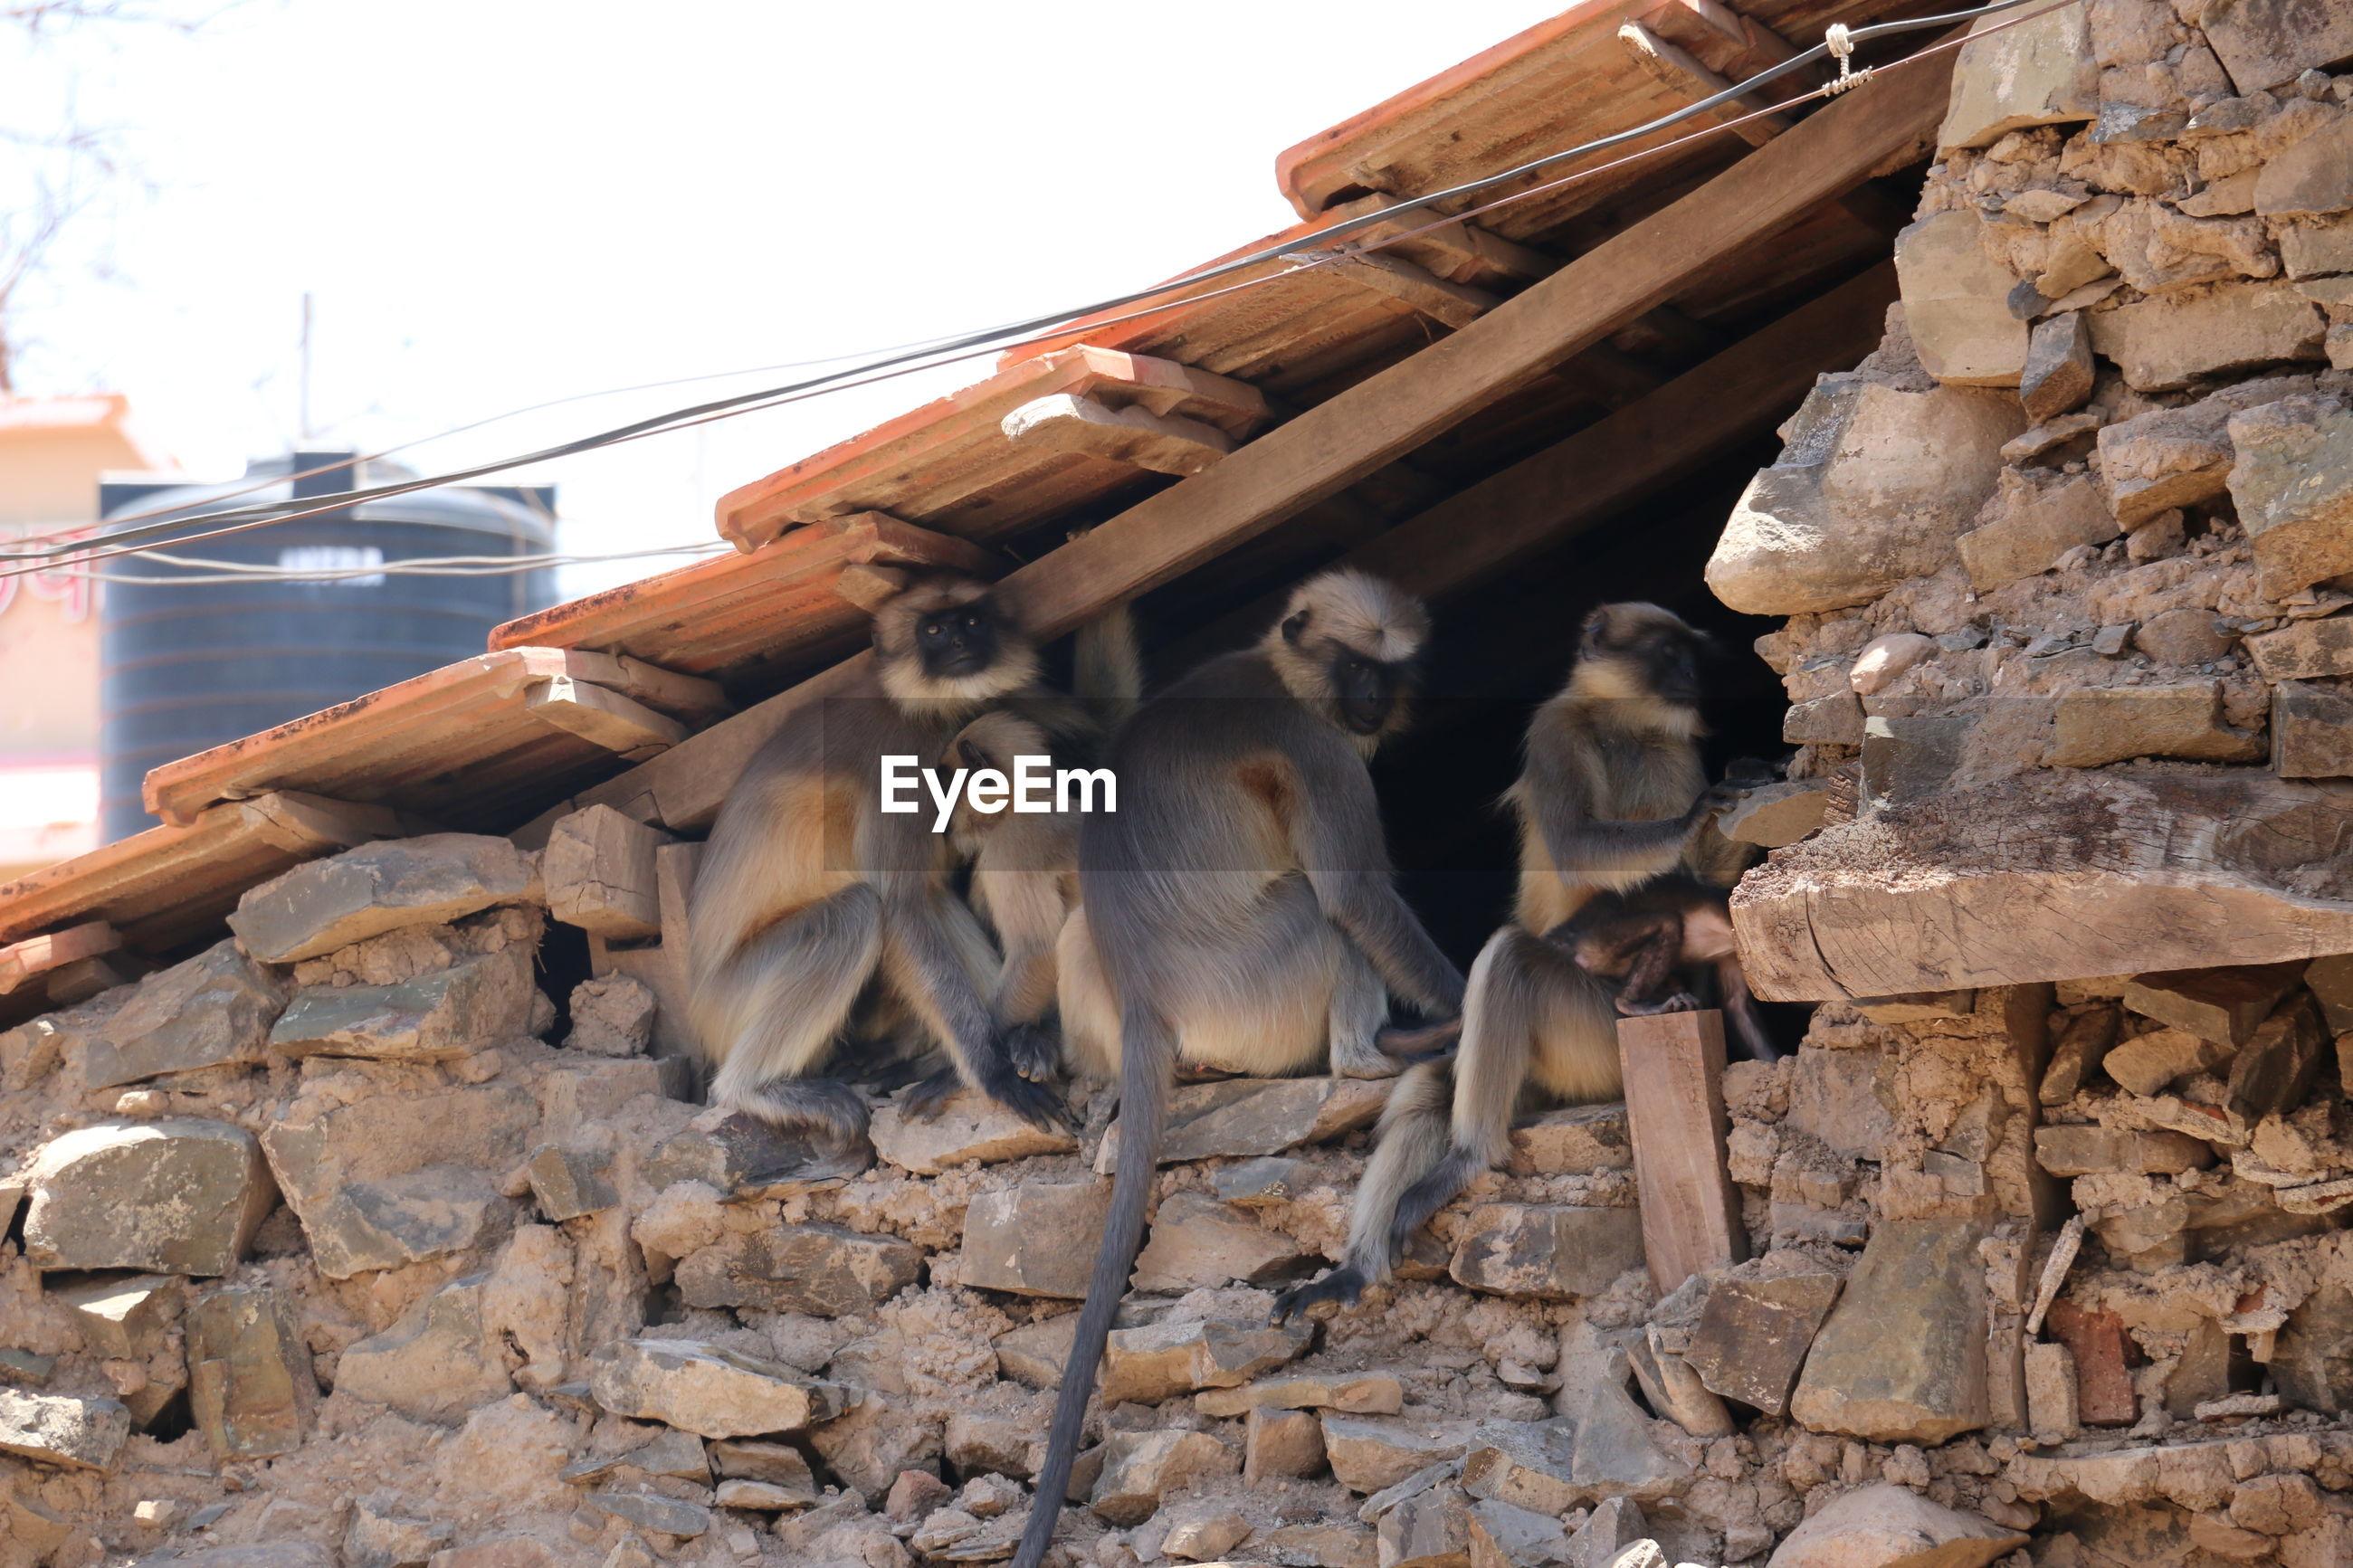 Five monkey sitting on stone wall